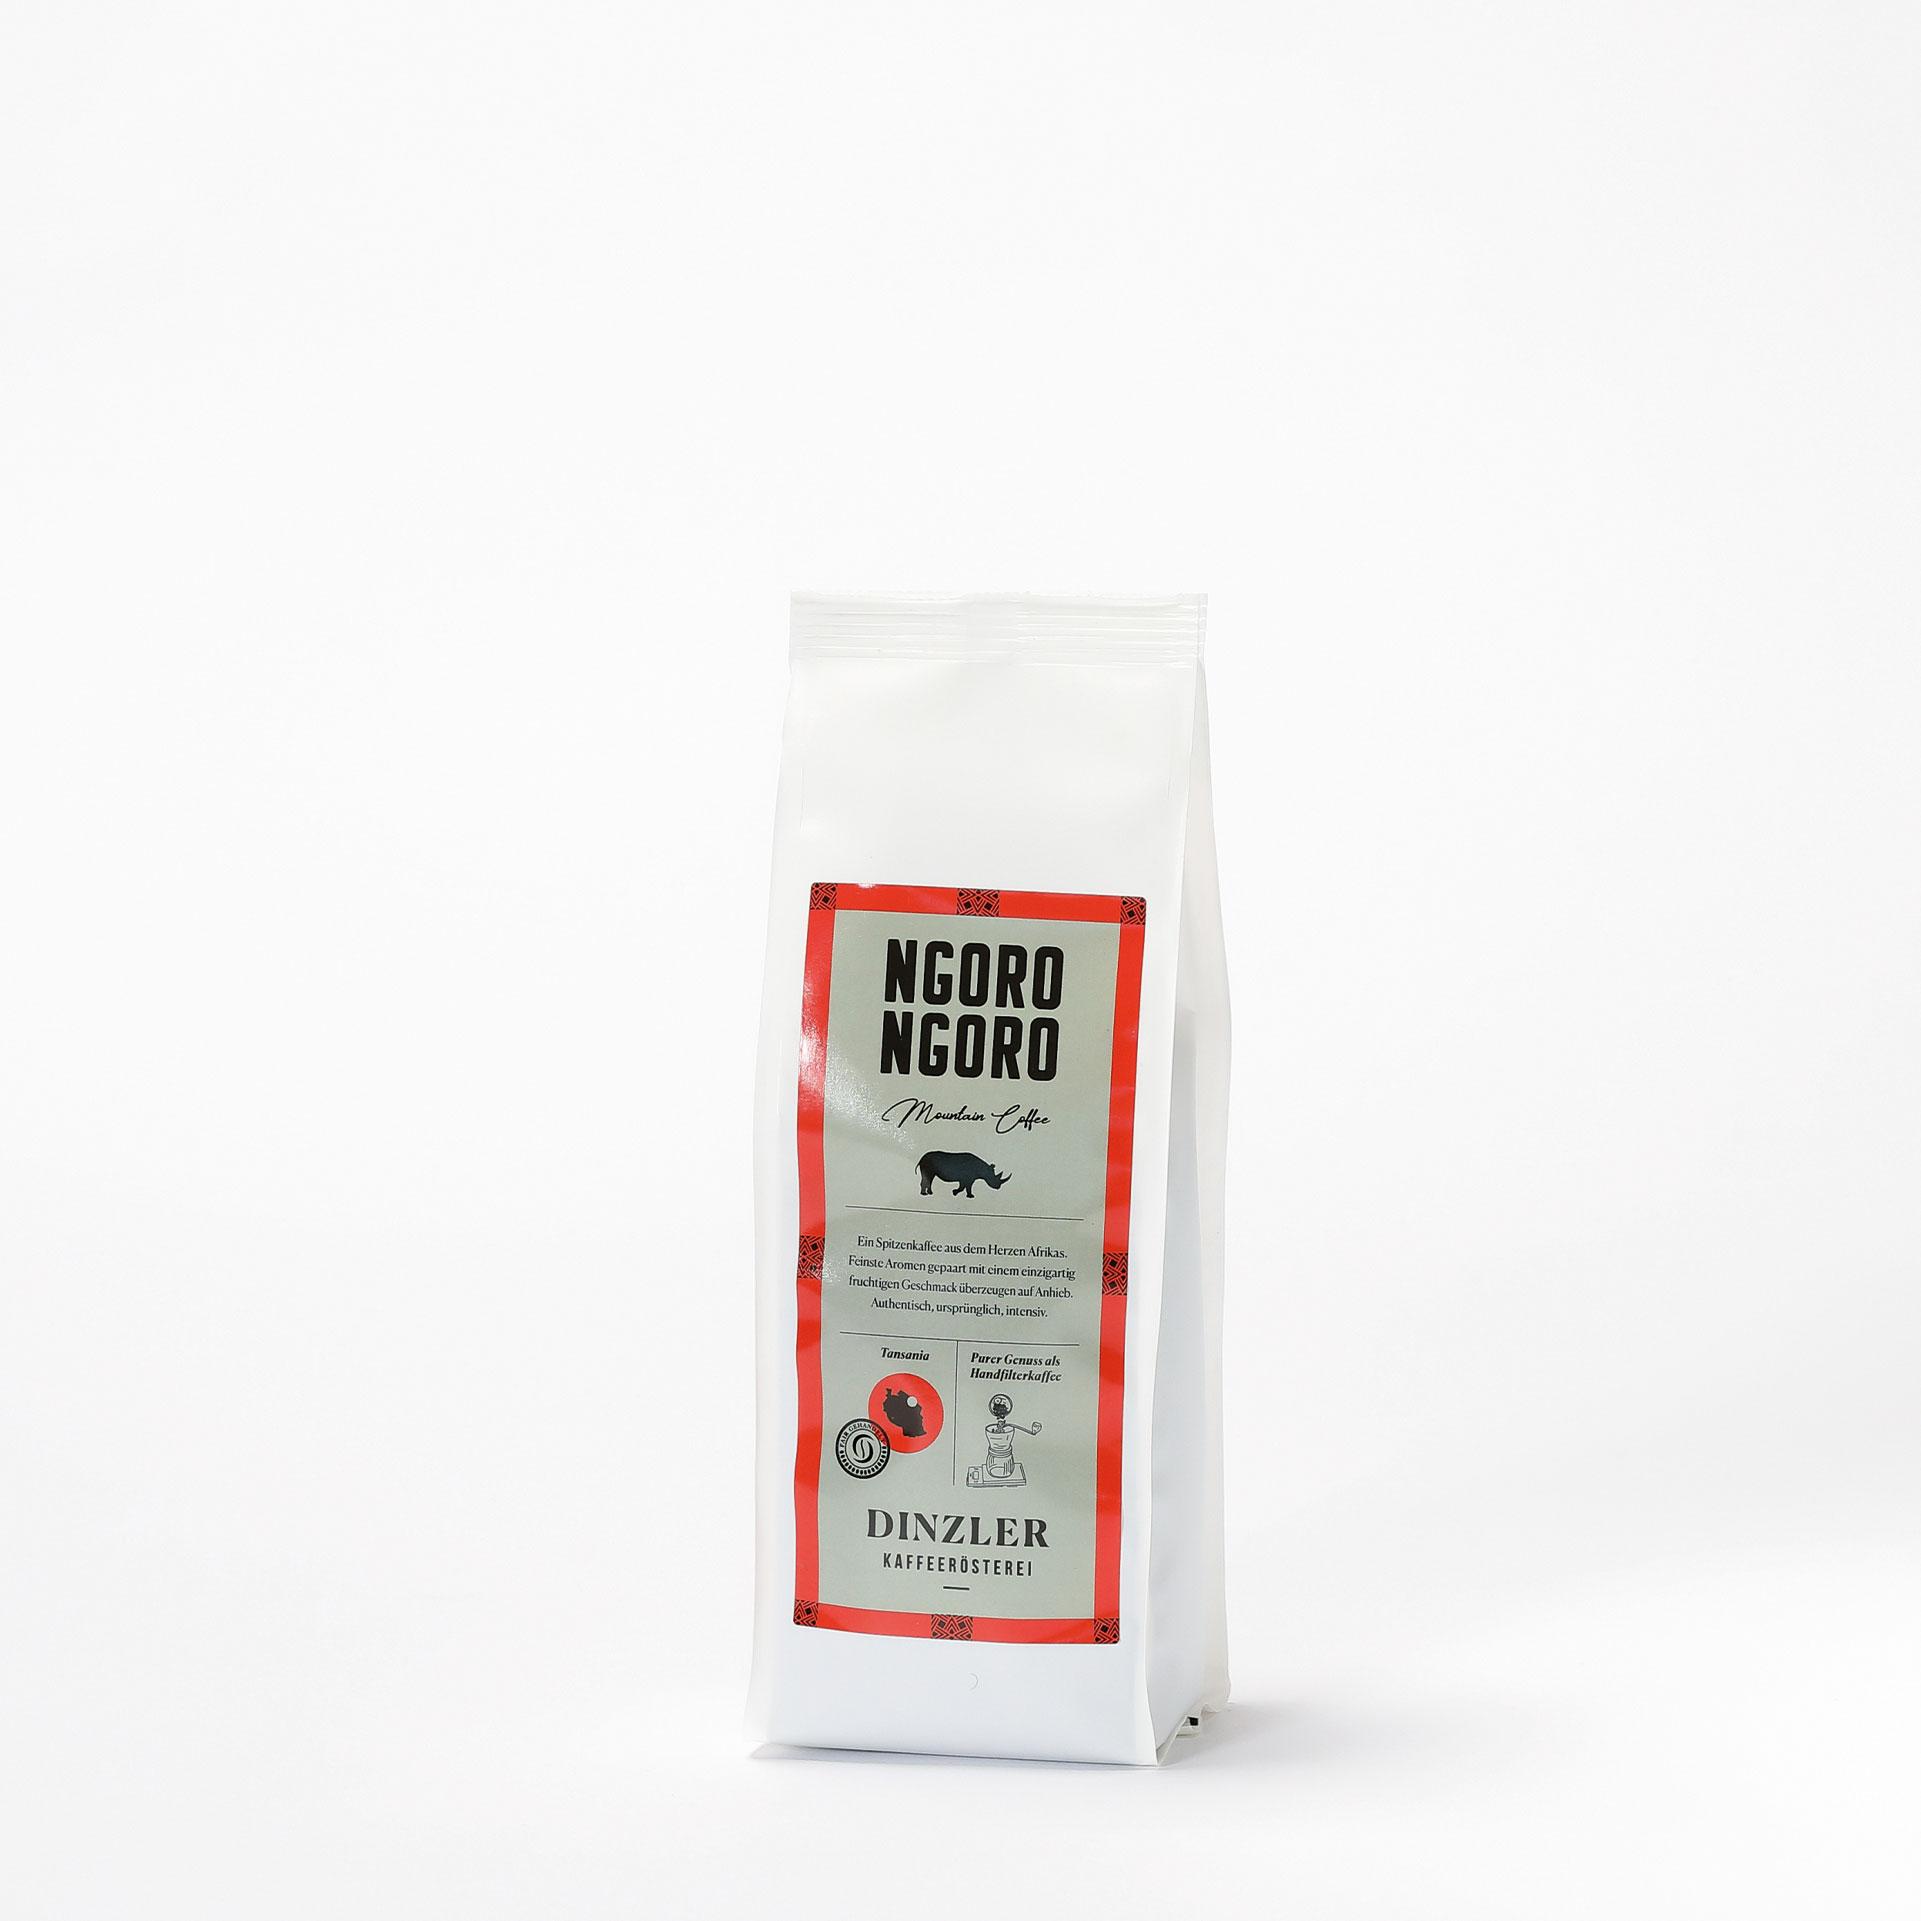 DINZLER Kaffee Ngoro Ngoro